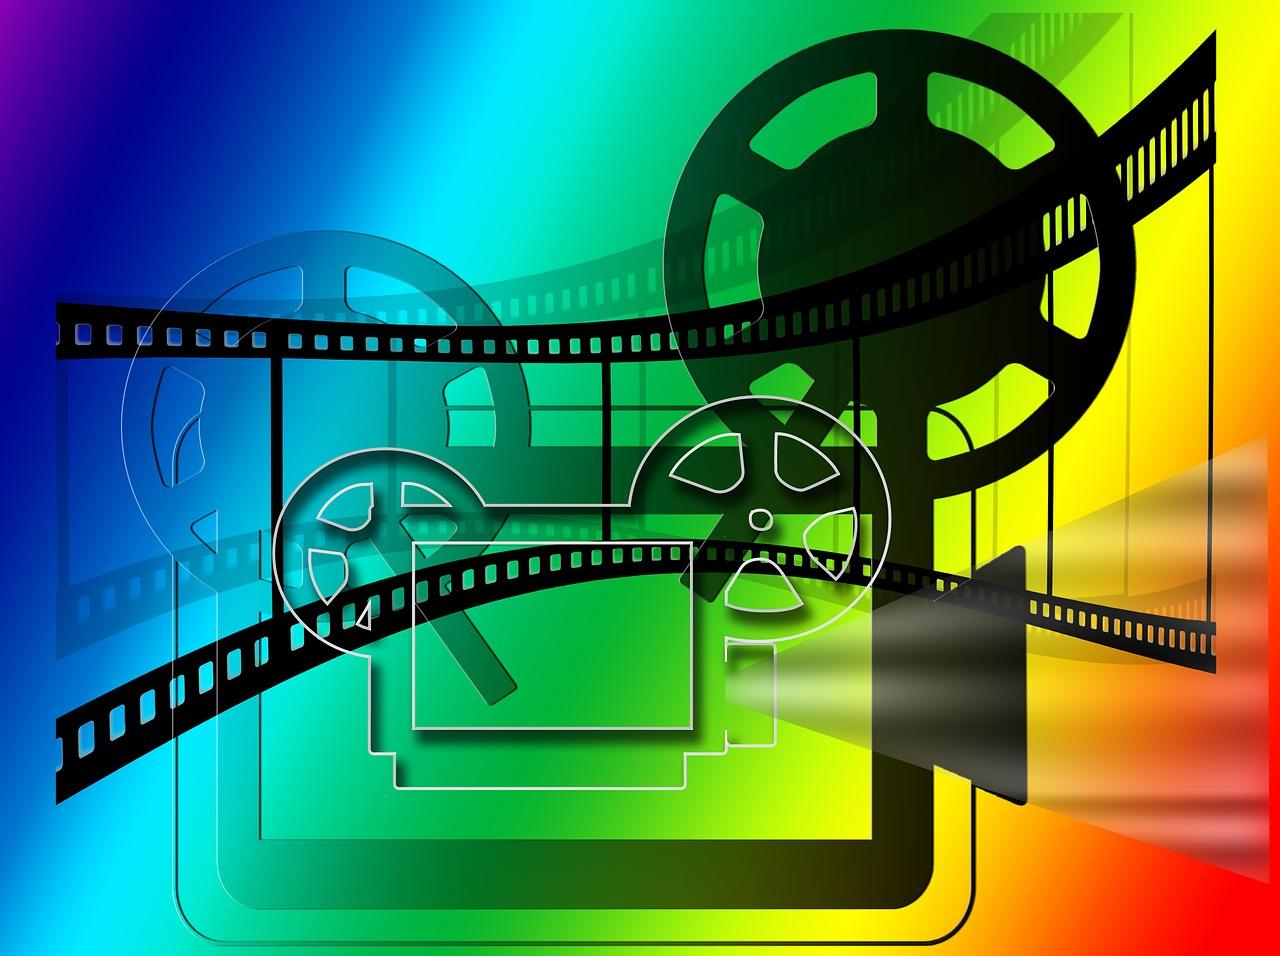 film-596519_1280